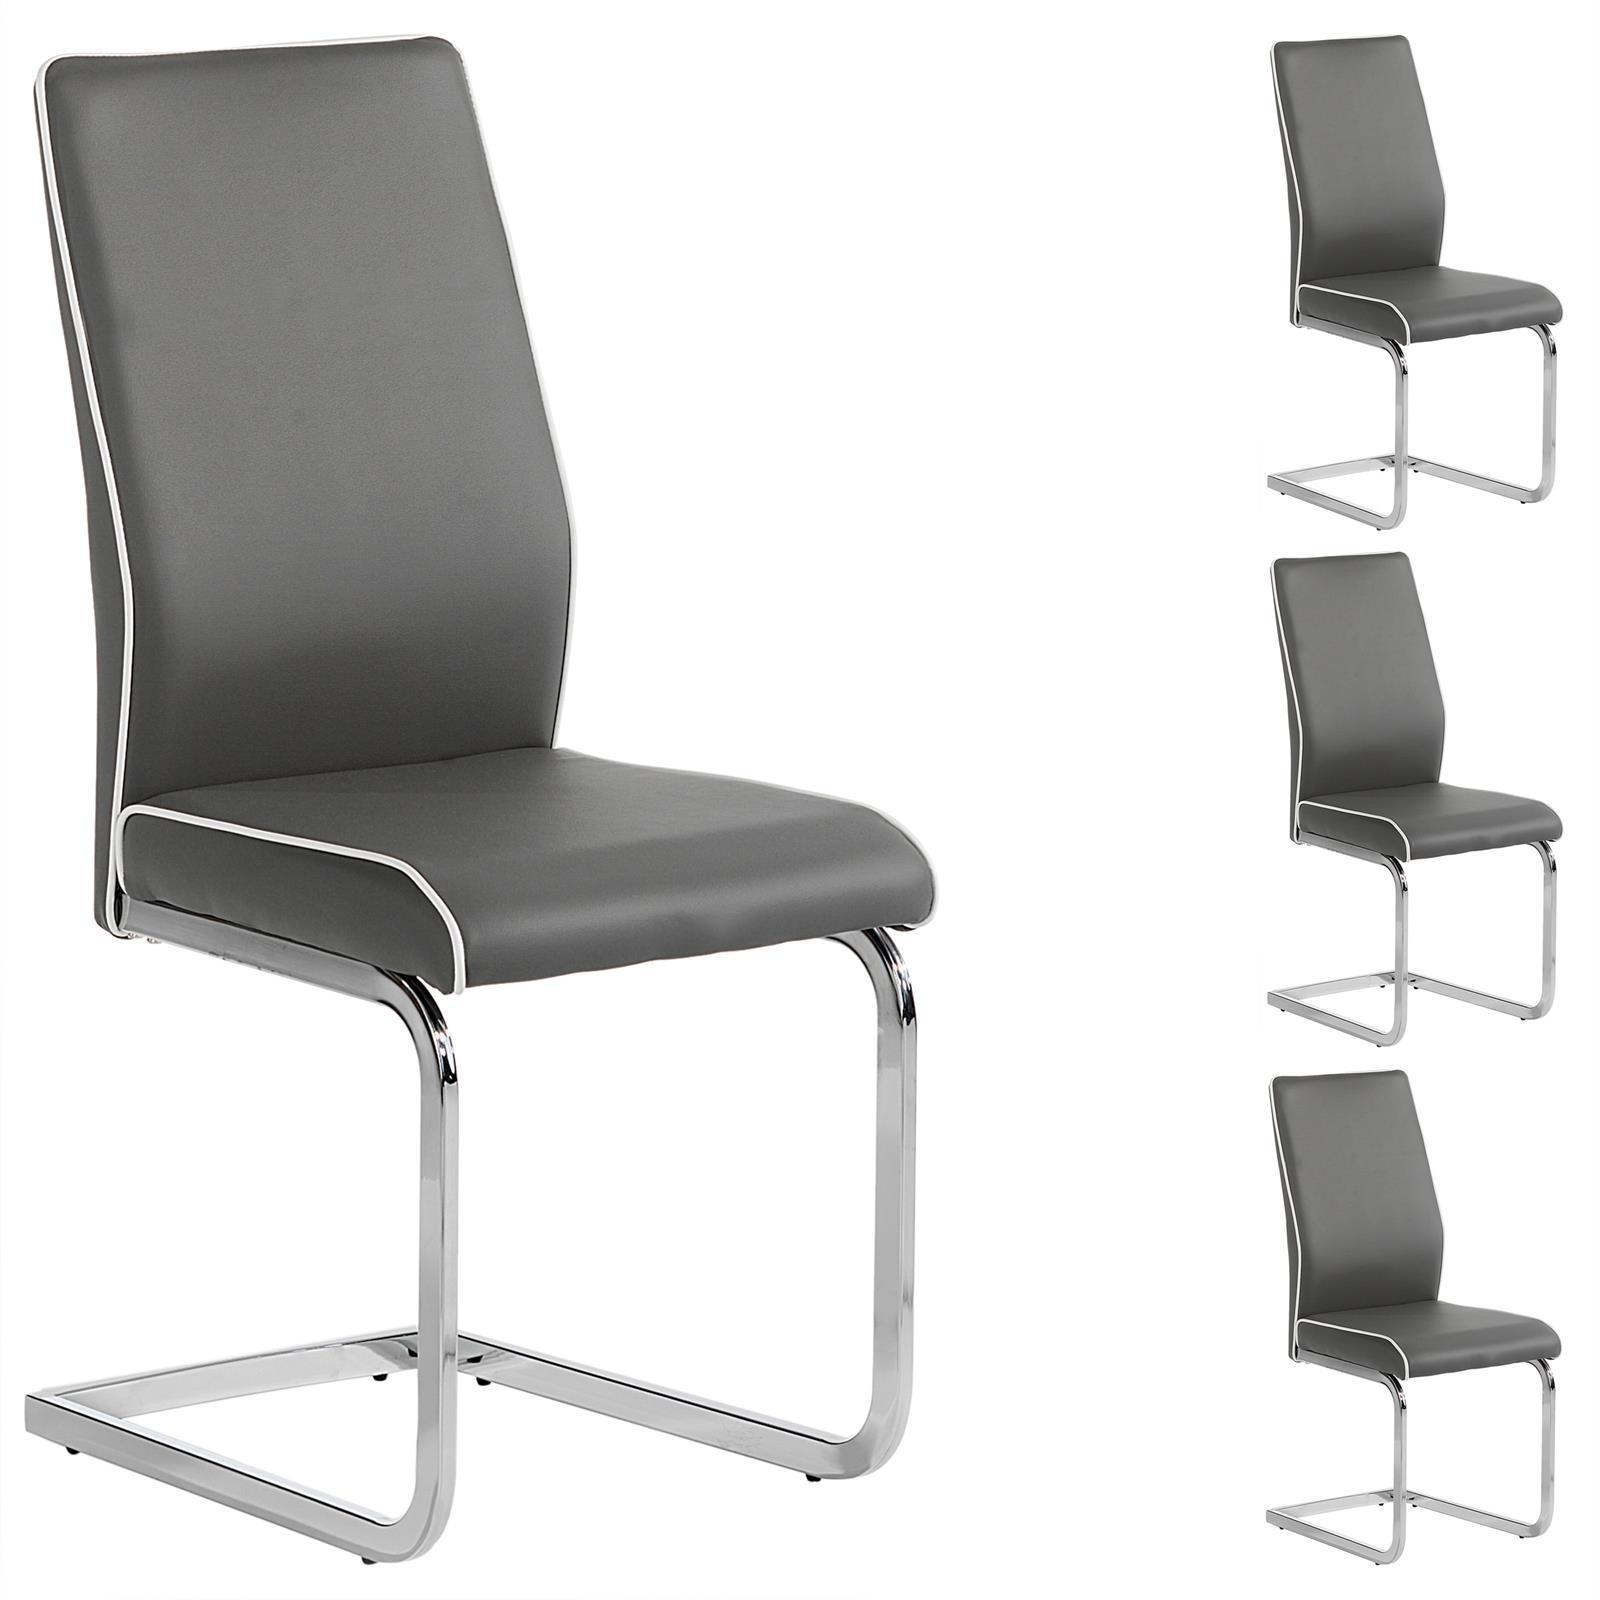 4er set schwingstuhl jimena in grau mit keder mobilia24. Black Bedroom Furniture Sets. Home Design Ideas